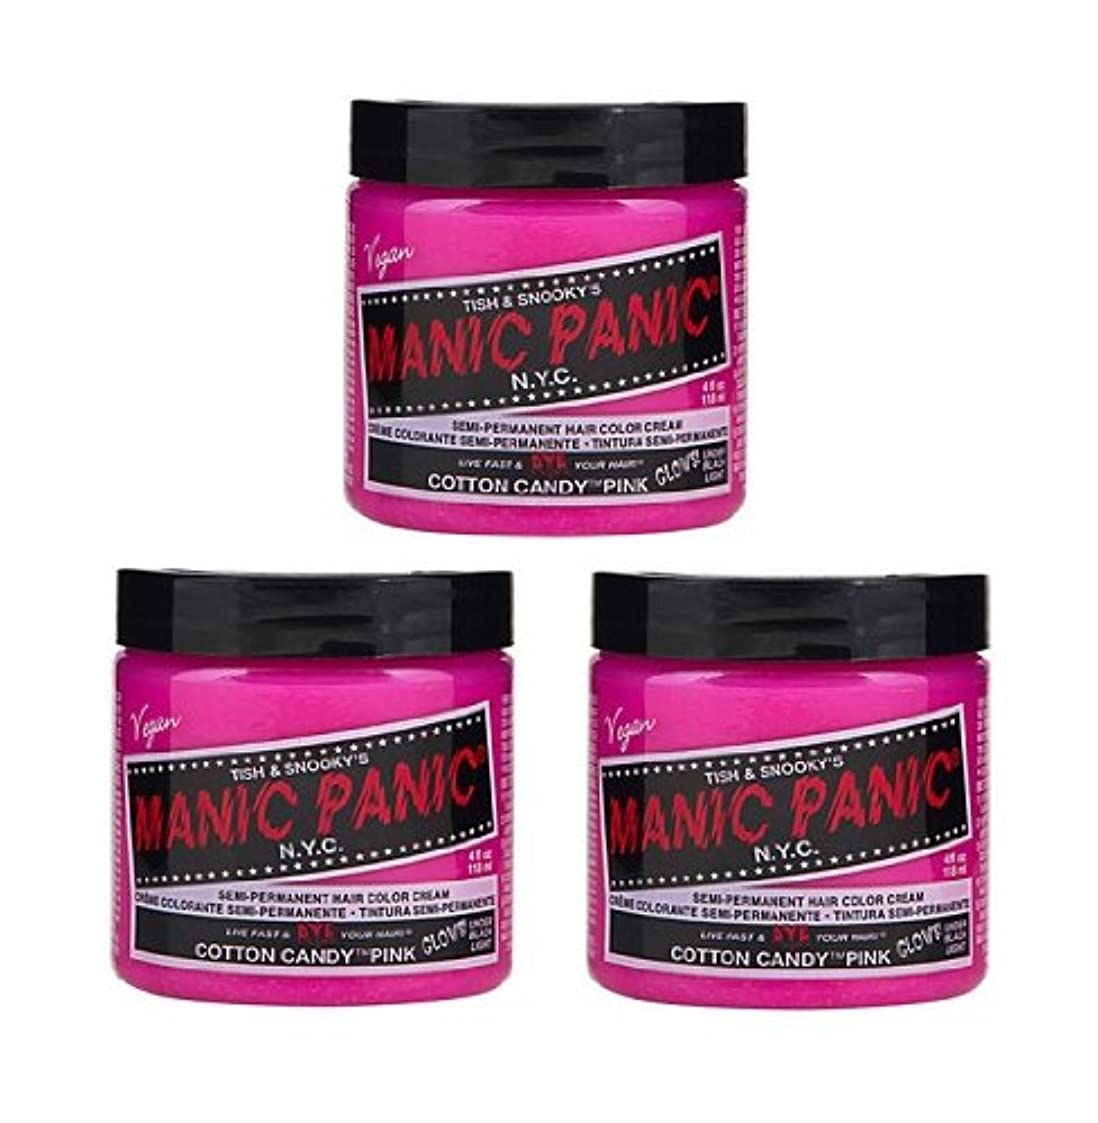 ギャロップいちゃつくなんとなく【3個セット】MANIC PANIC マニックパニック Cotton Candy Pink コットン?キャンディー?ピンク 118ml